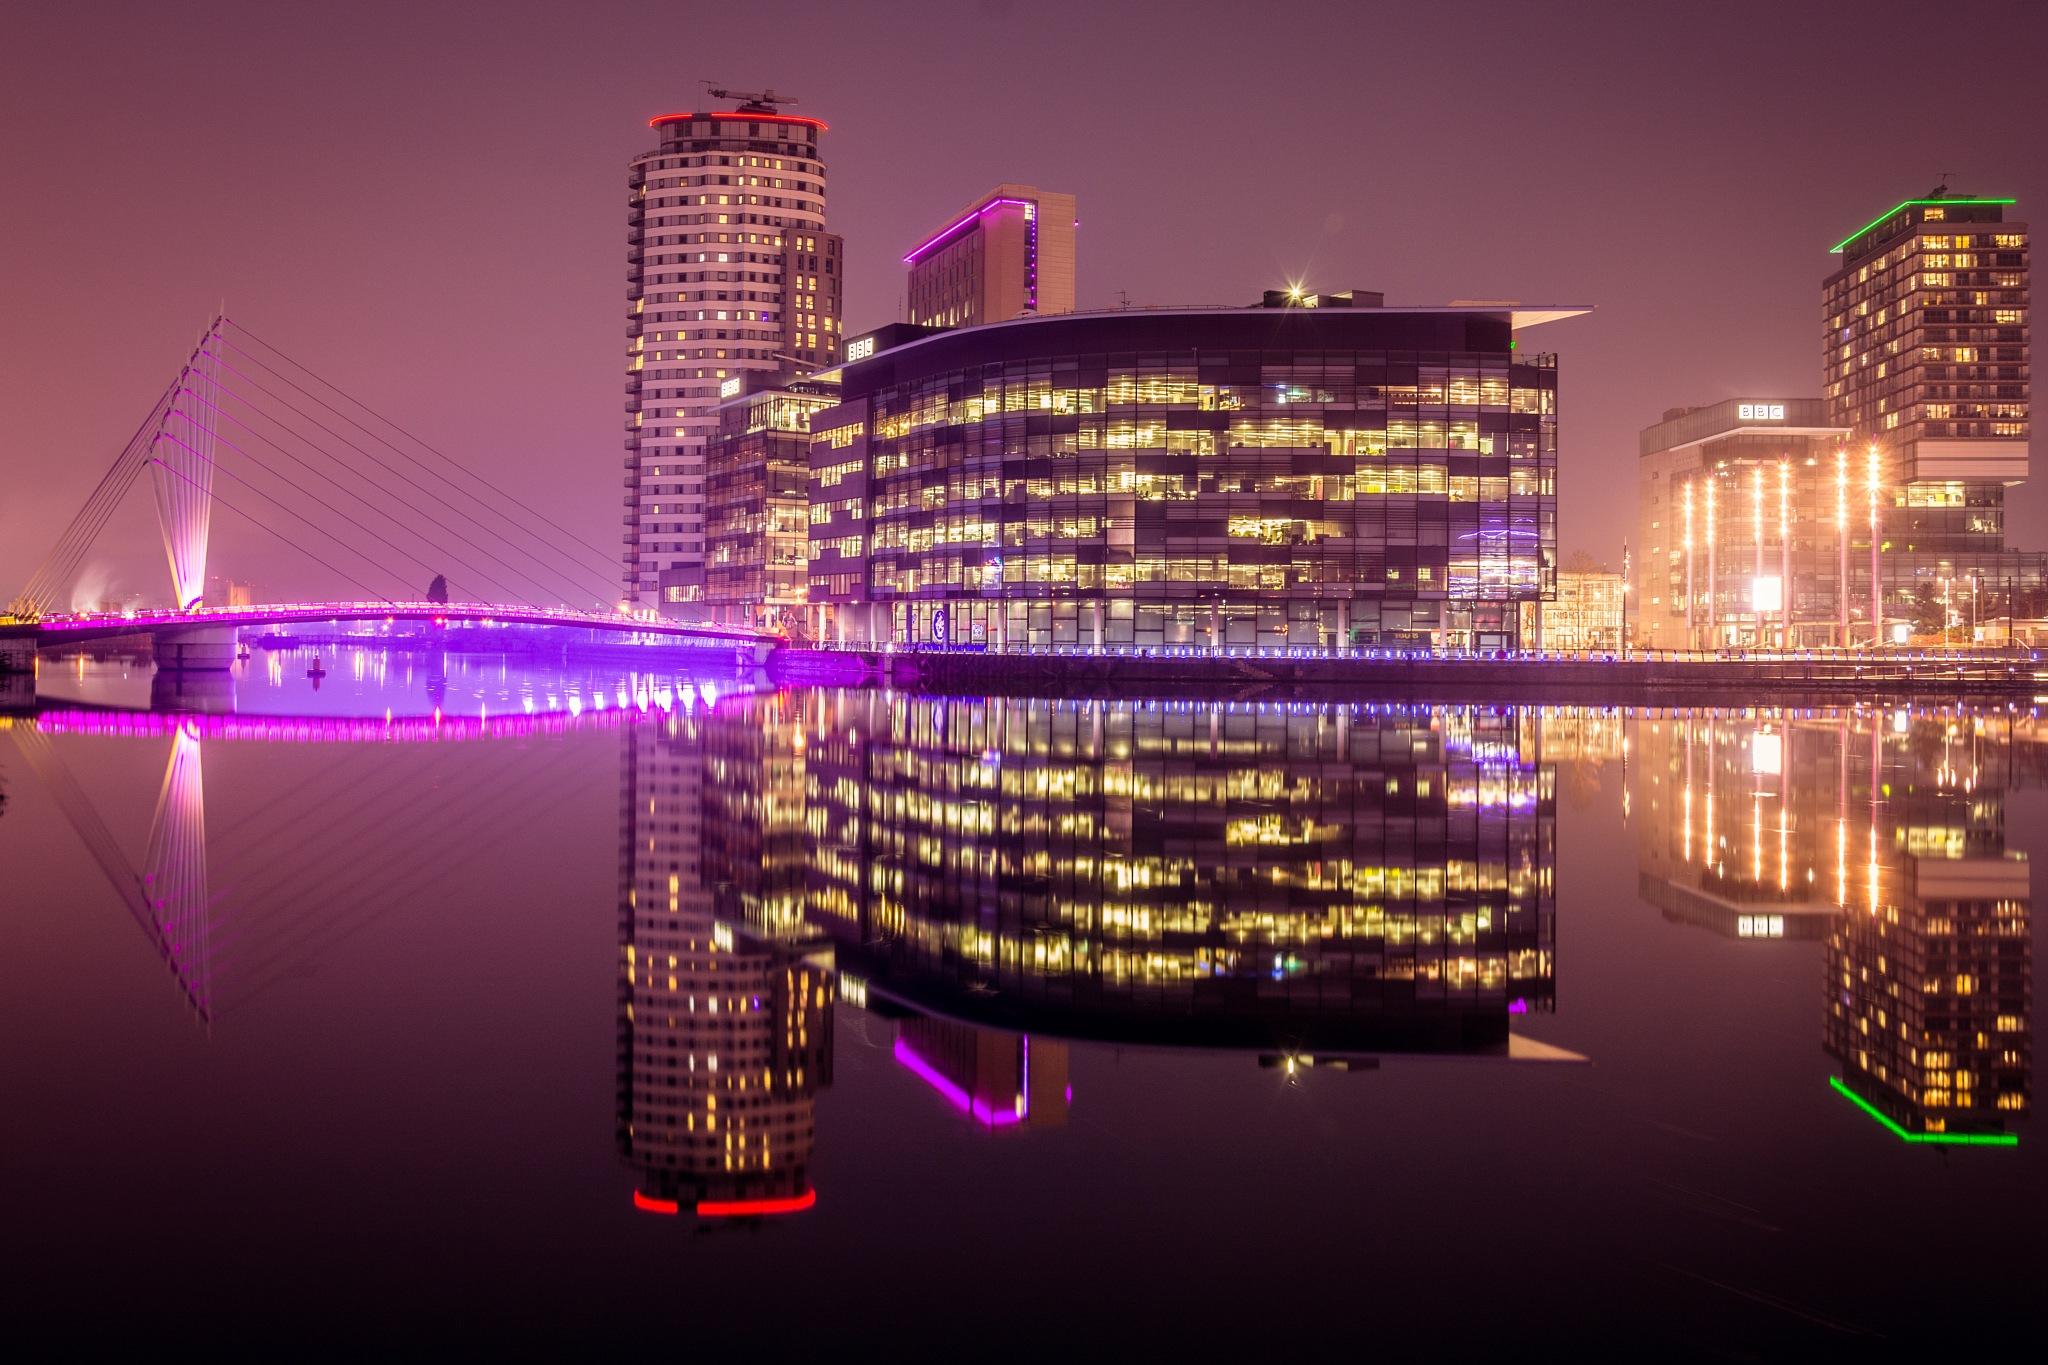 Media City  by Johnrutherford84